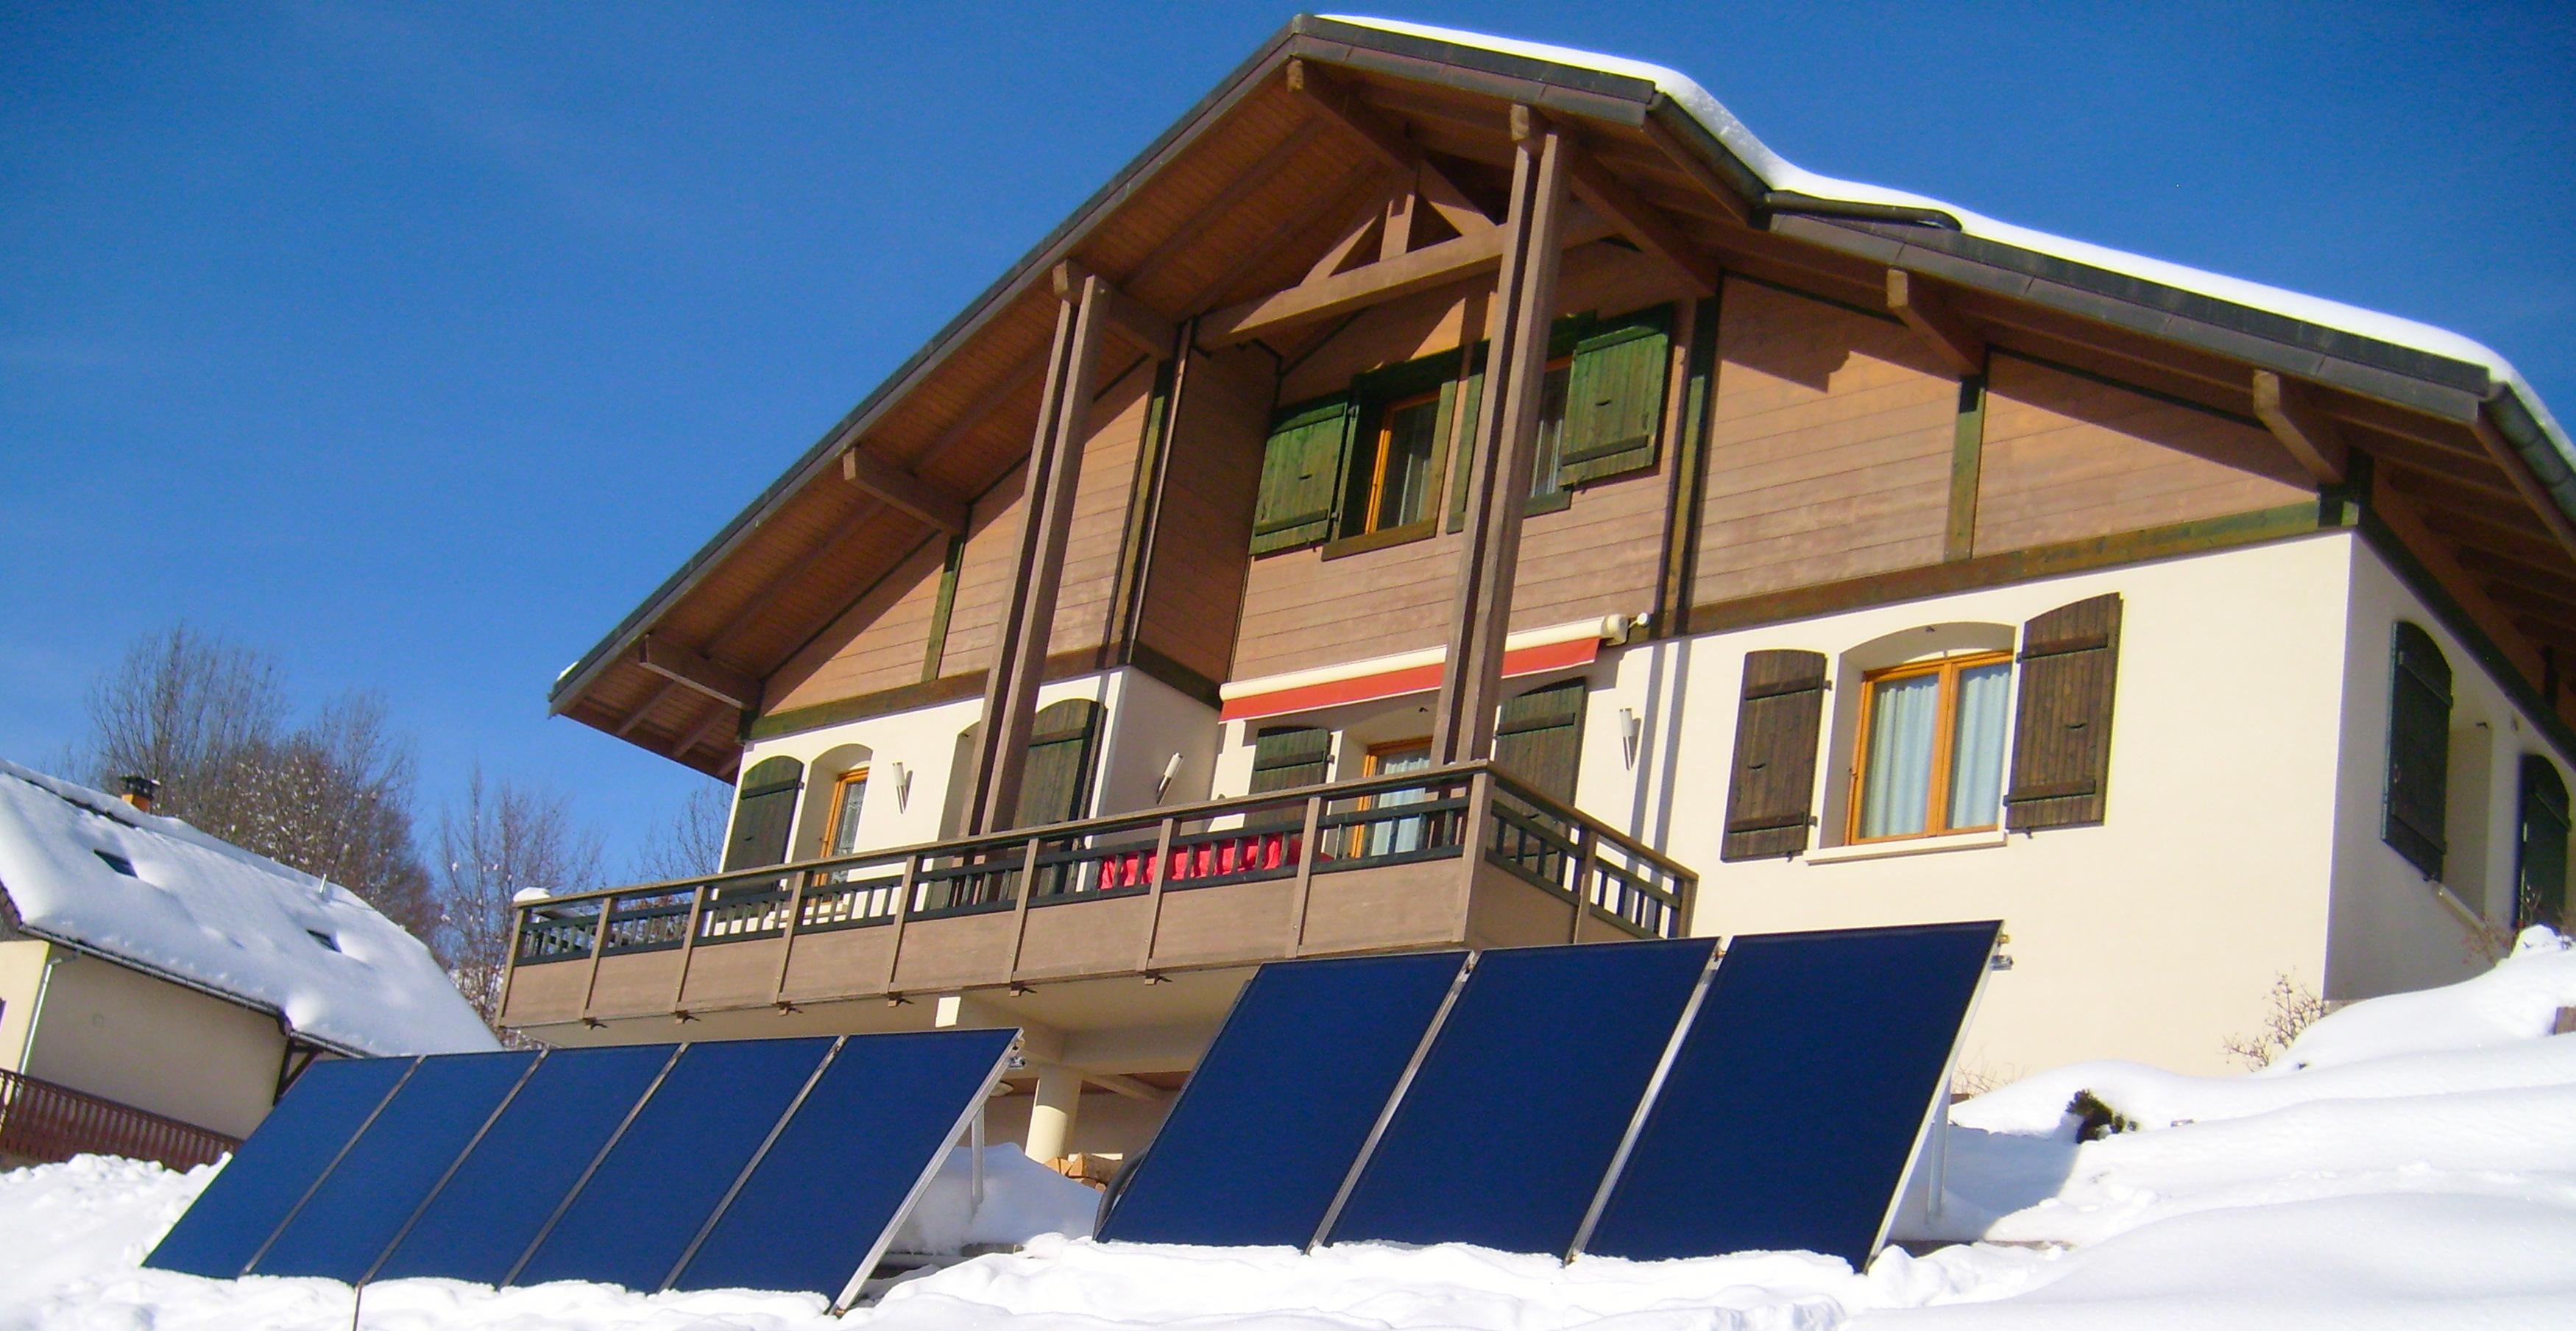 Panneaux solaire - energie renouvelables - Cluses Thyez Marignier Bonneville Scionzier Marnaz Vougy Haute-Savoie